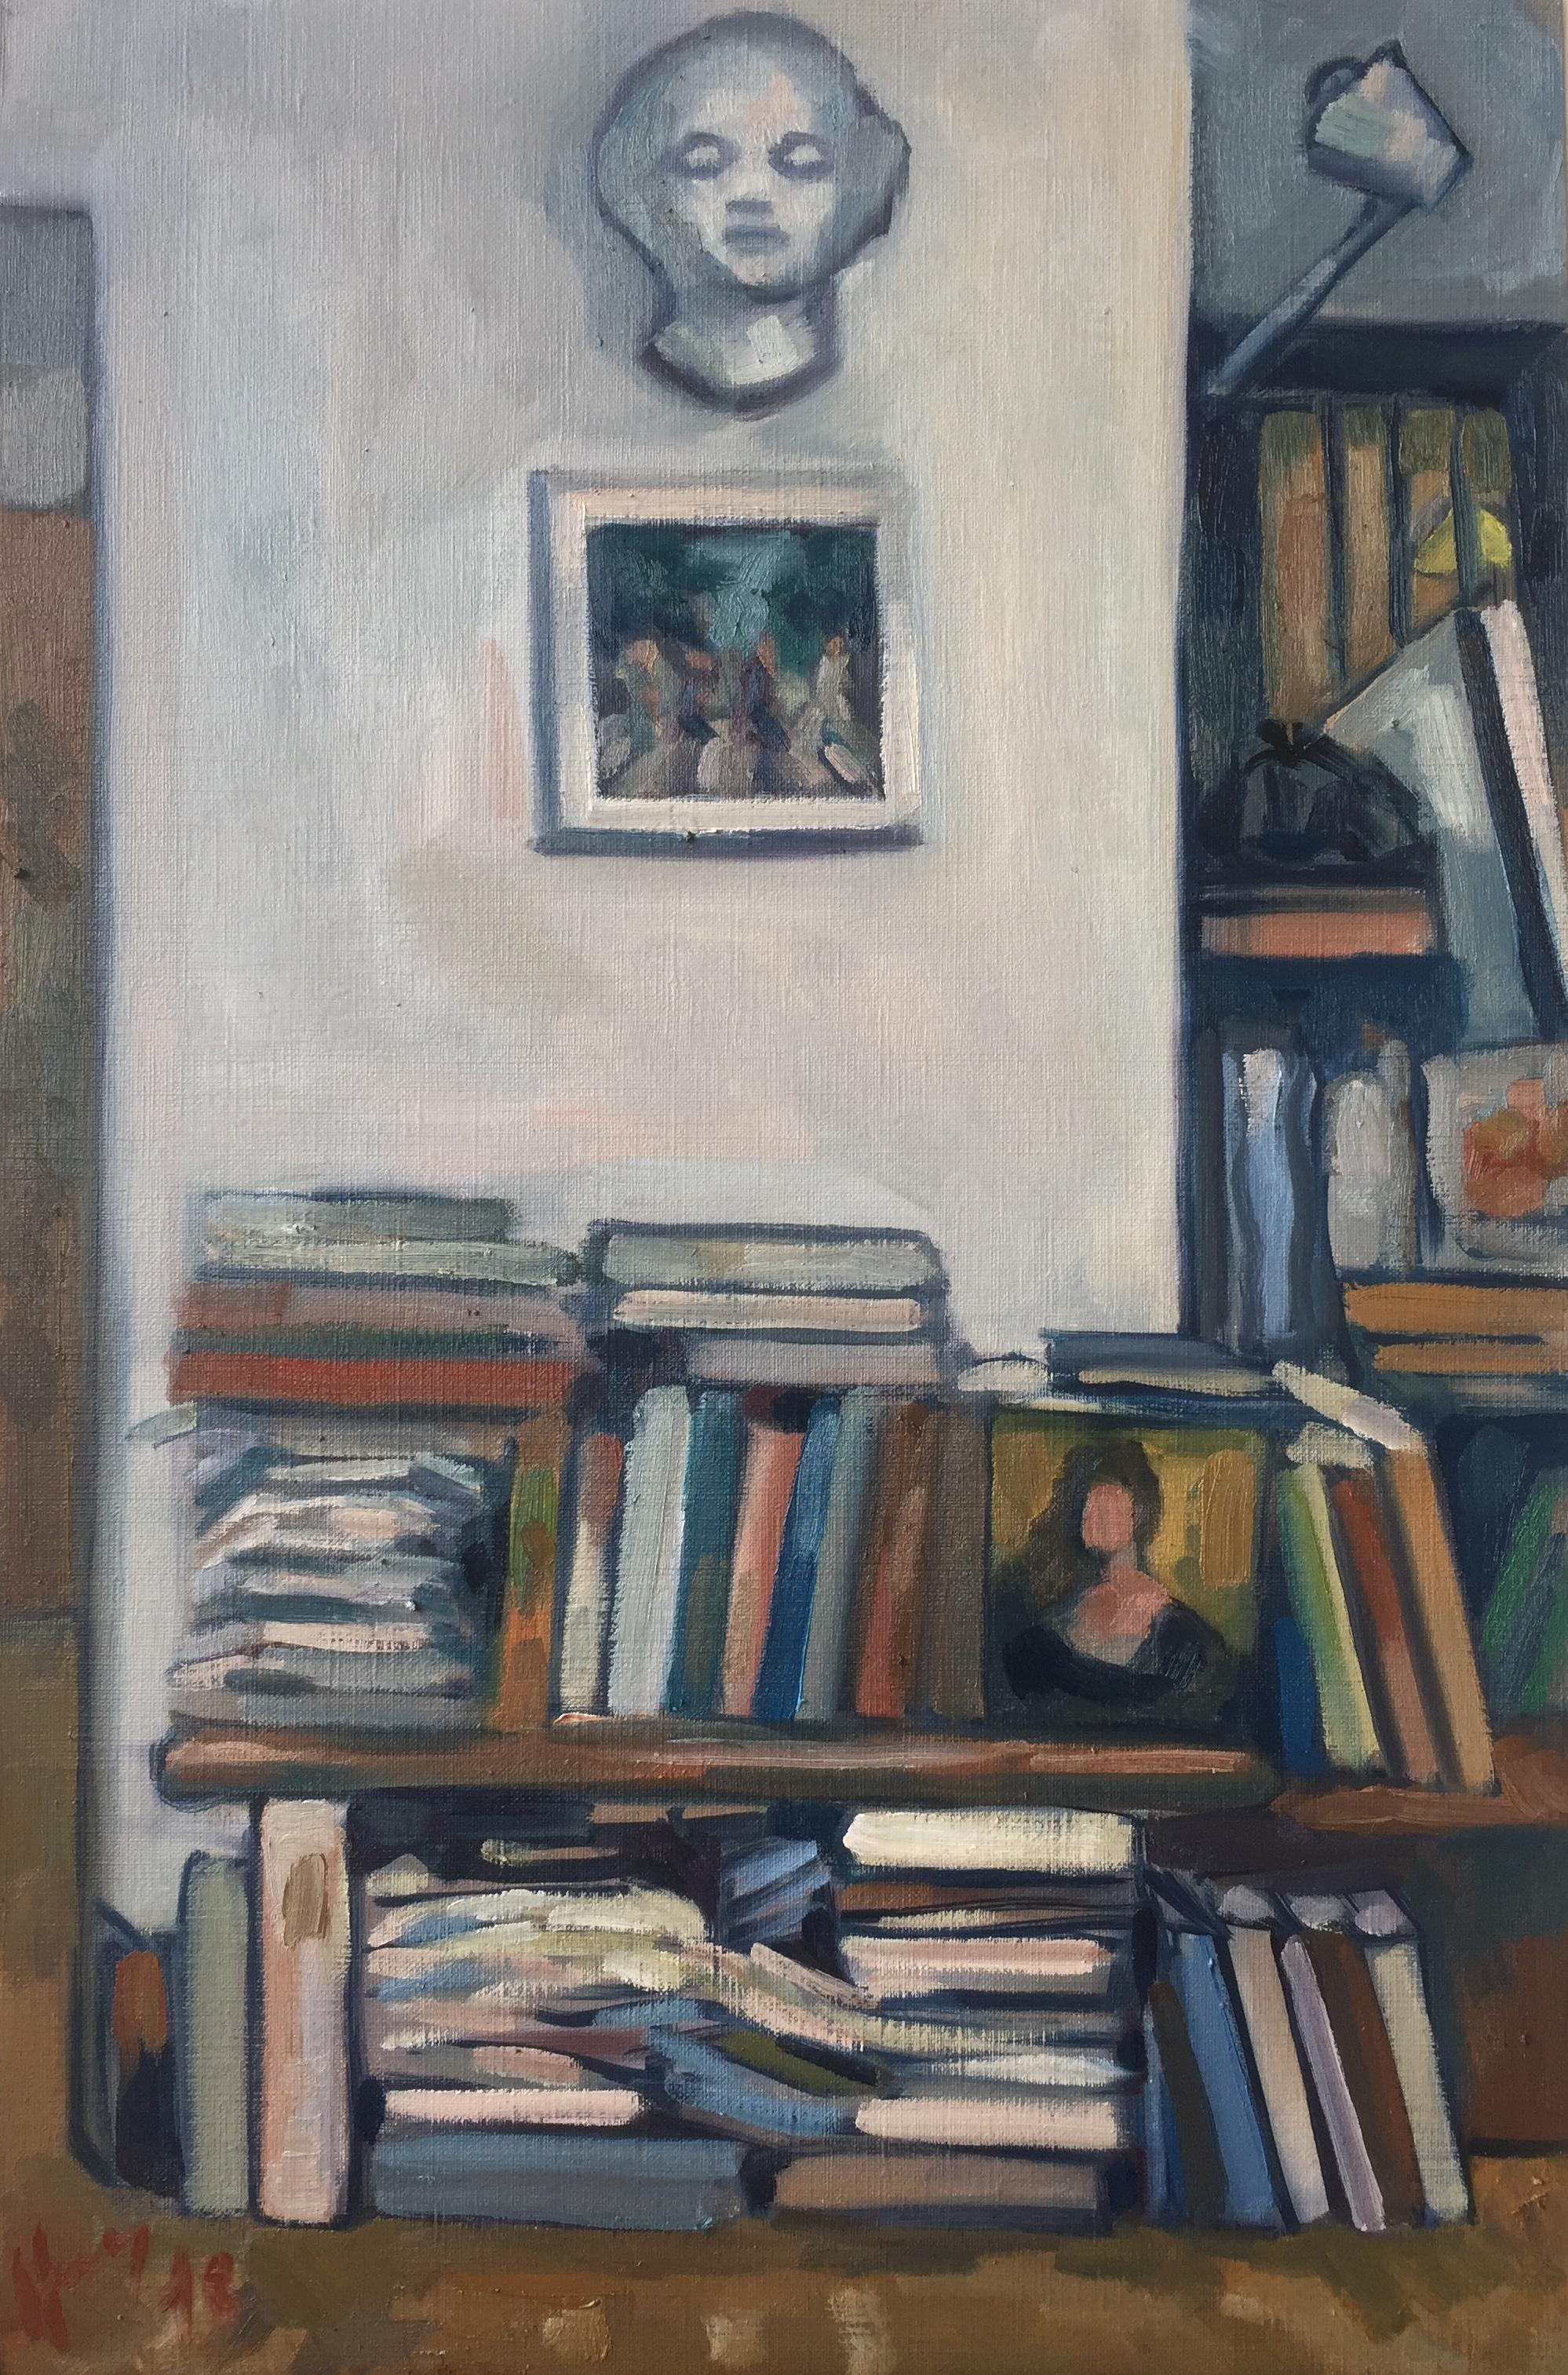 Interieurs 13 tome 2 ou l'amour et le crâne peinture à l'huile